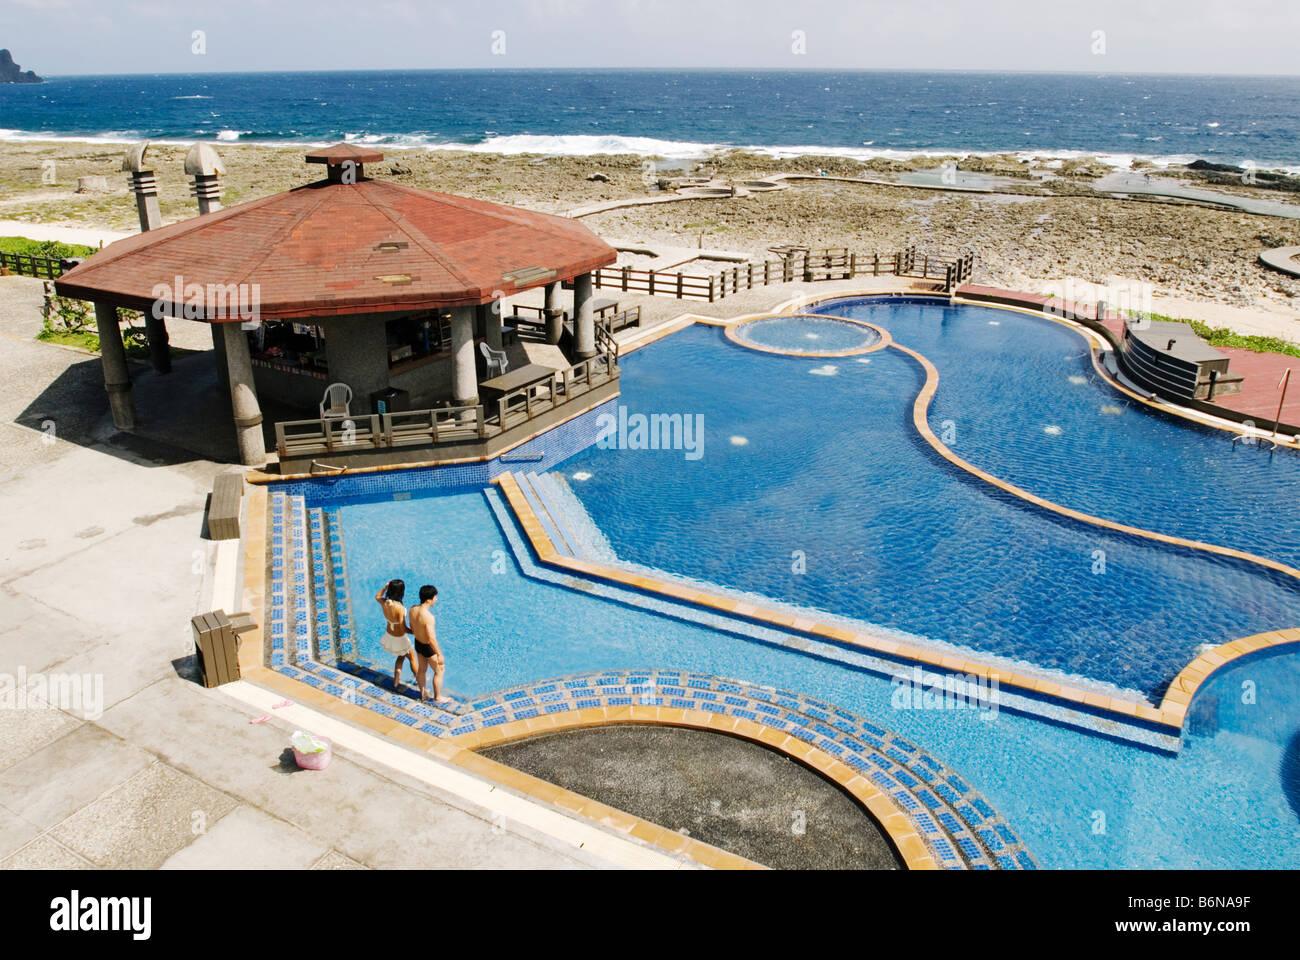 Blickfang Pool Salzwasser Sammlung Von Taiwan, Paar Waten Im Im Grünen Insel